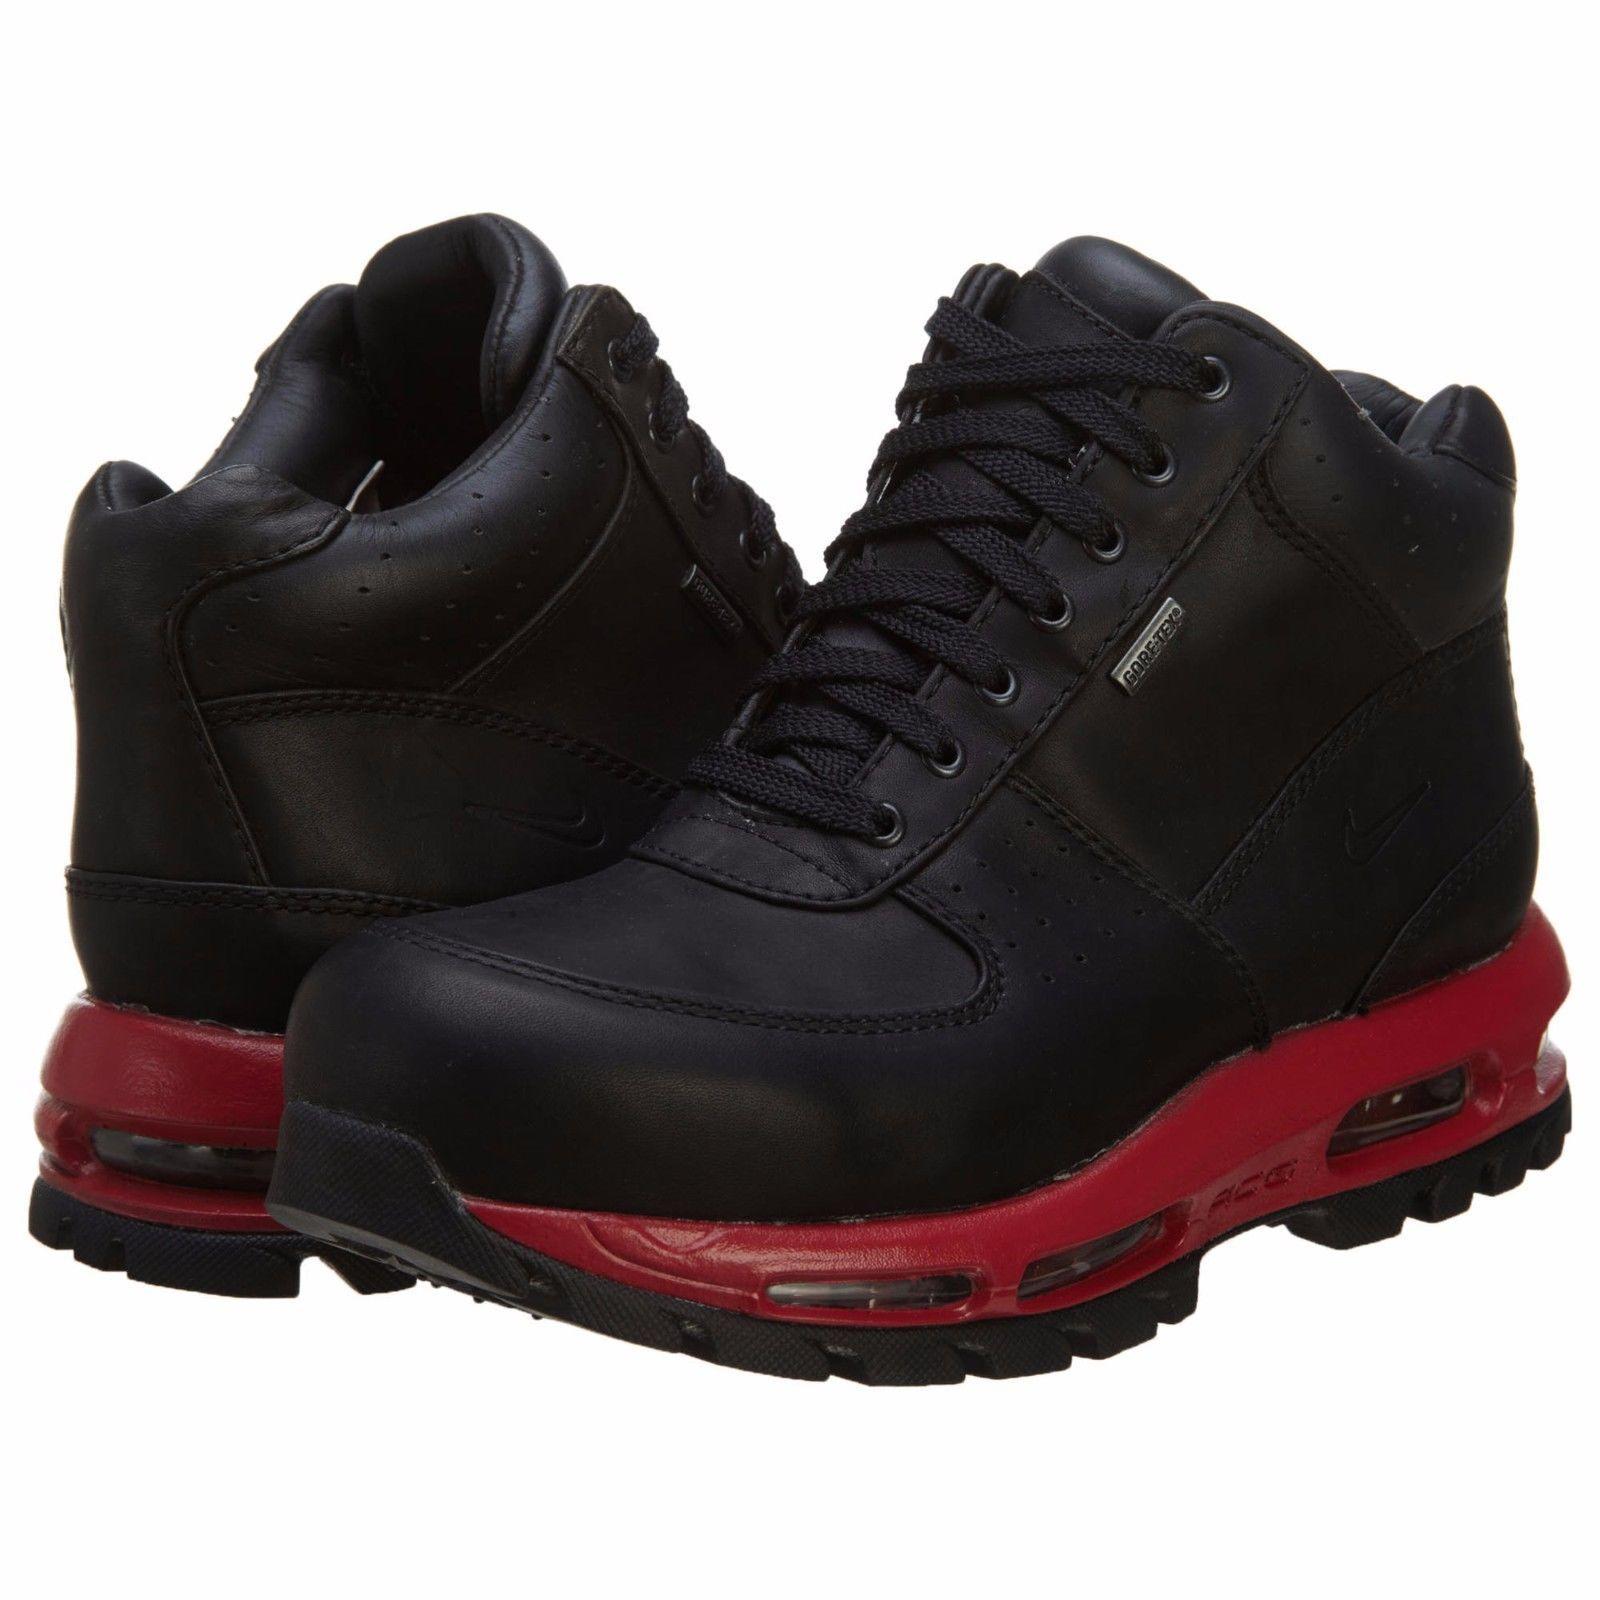 Nike Air Max Goadome Gtx Mens Style: 314346-061 - $169.99